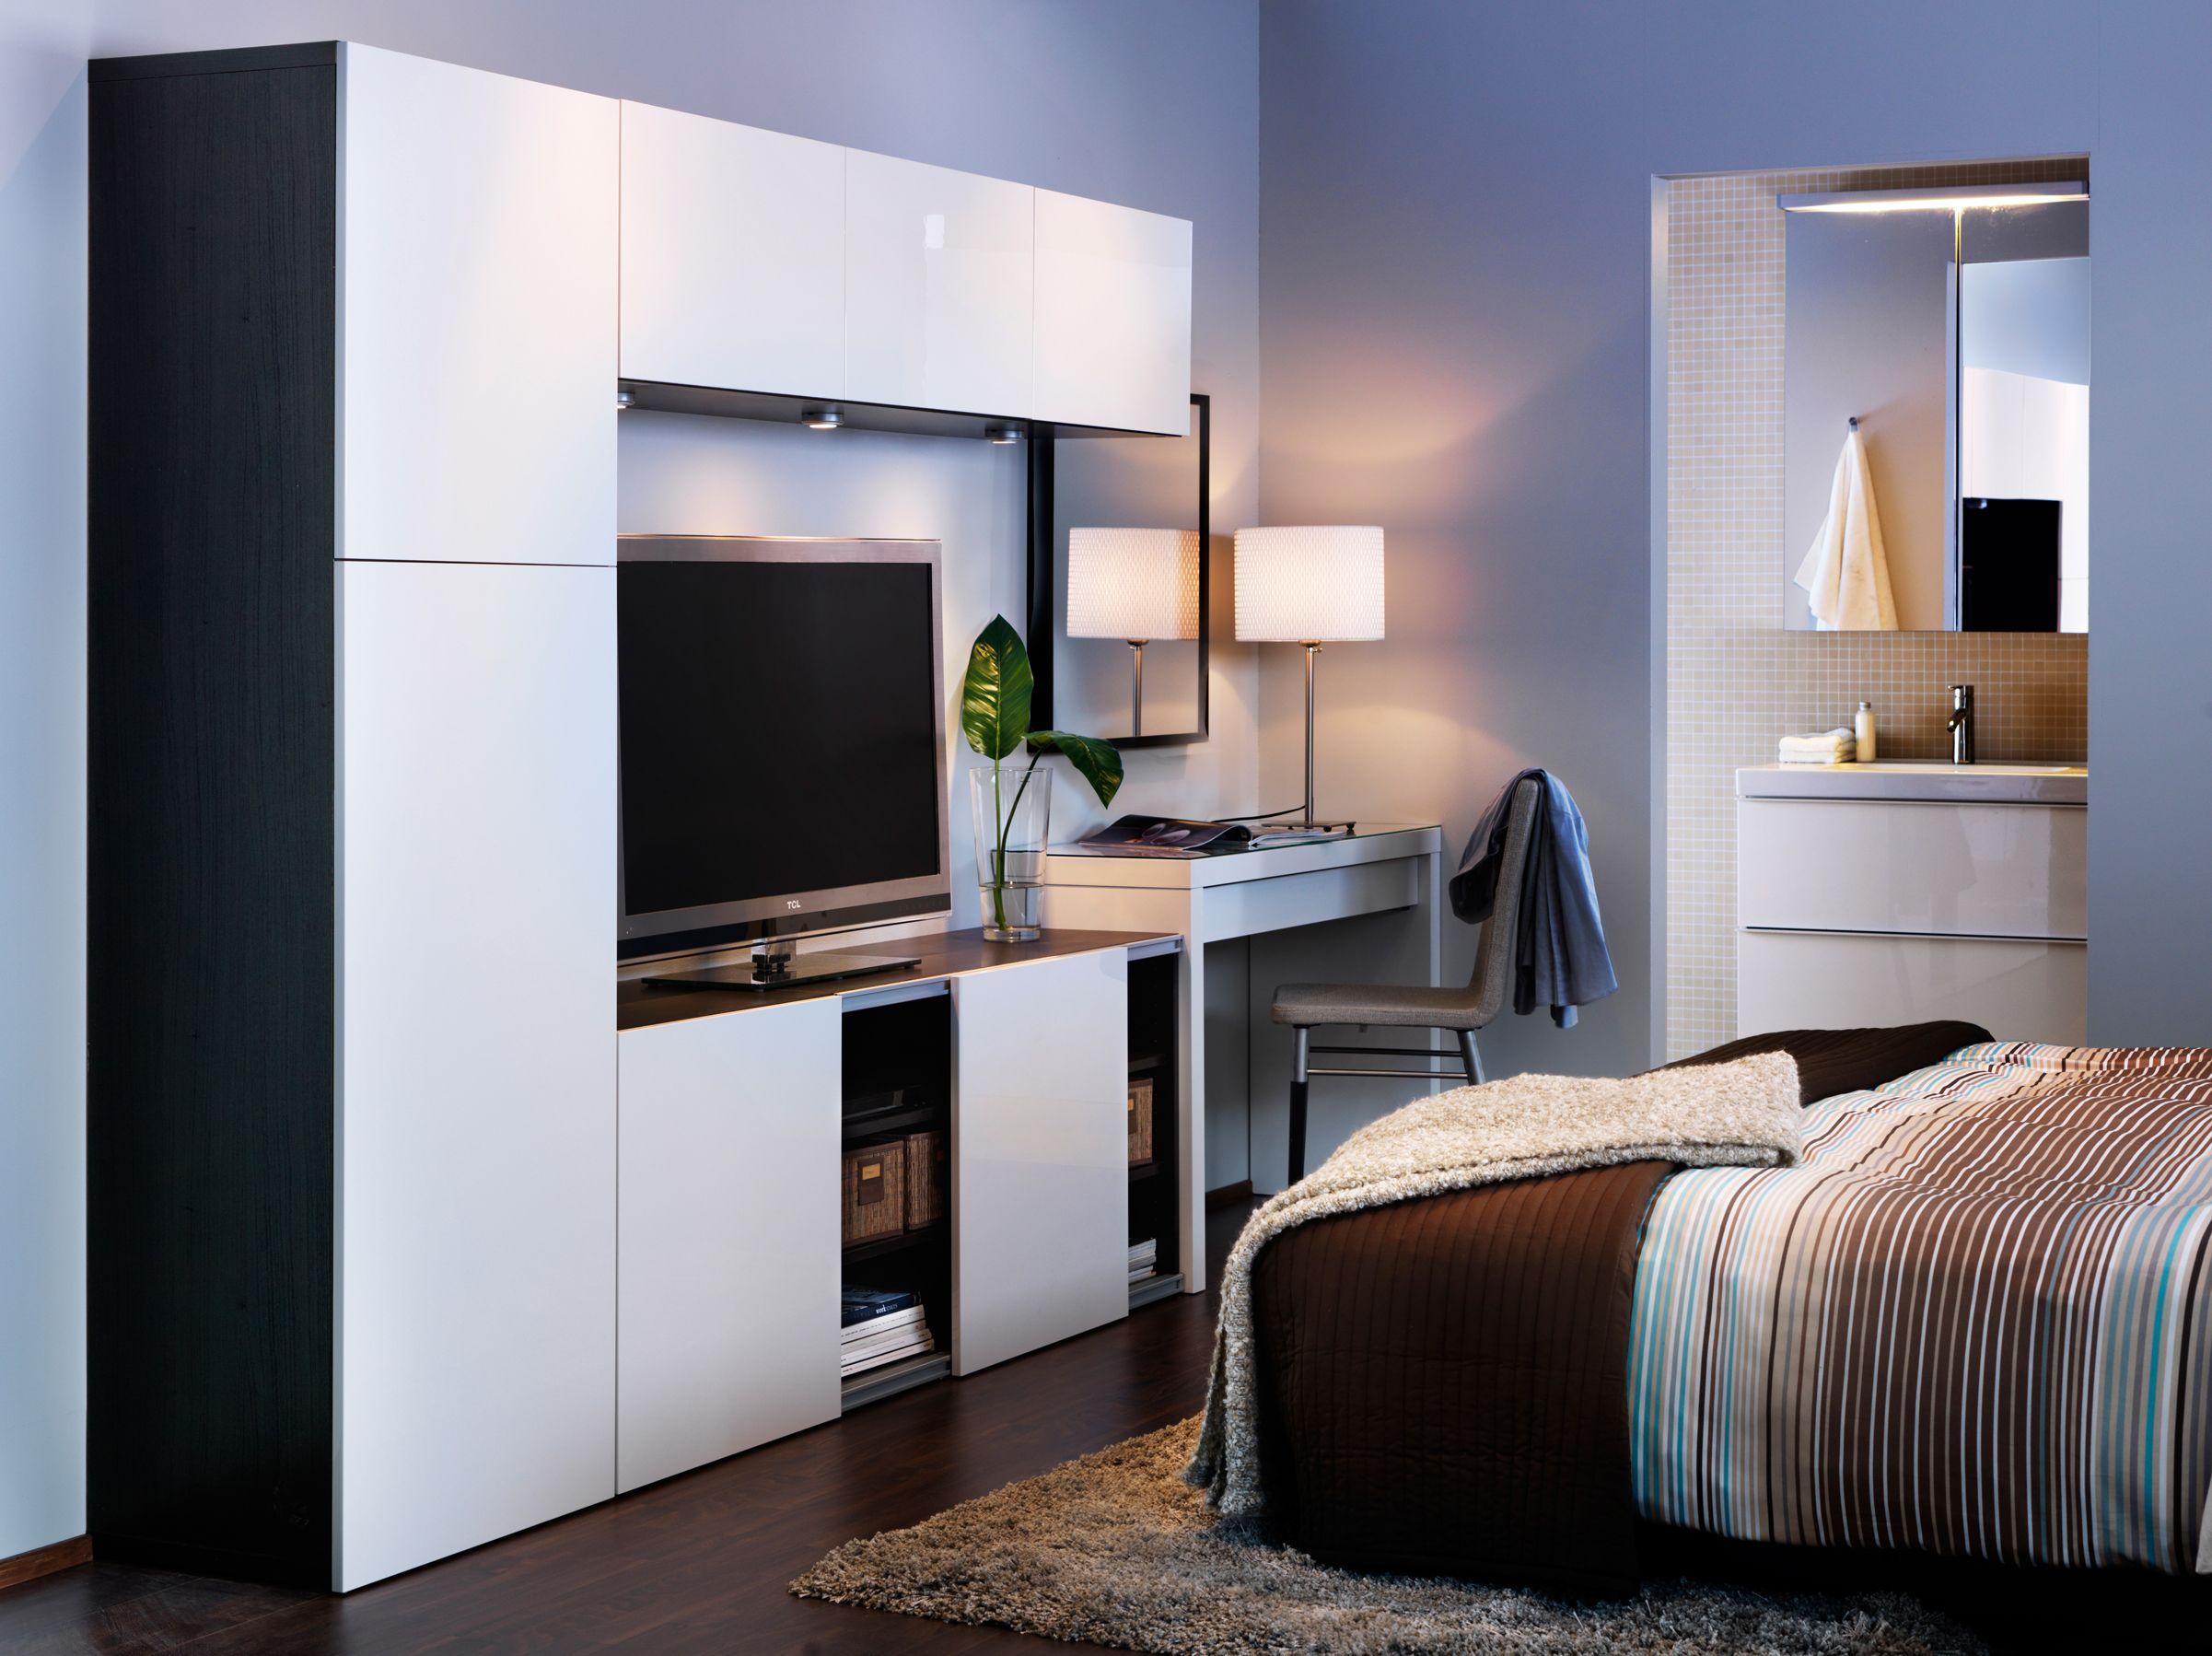 ikea sterreich inspiration schlafzimmer aufbewahrung best frisiertisch malm tischleuchte. Black Bedroom Furniture Sets. Home Design Ideas